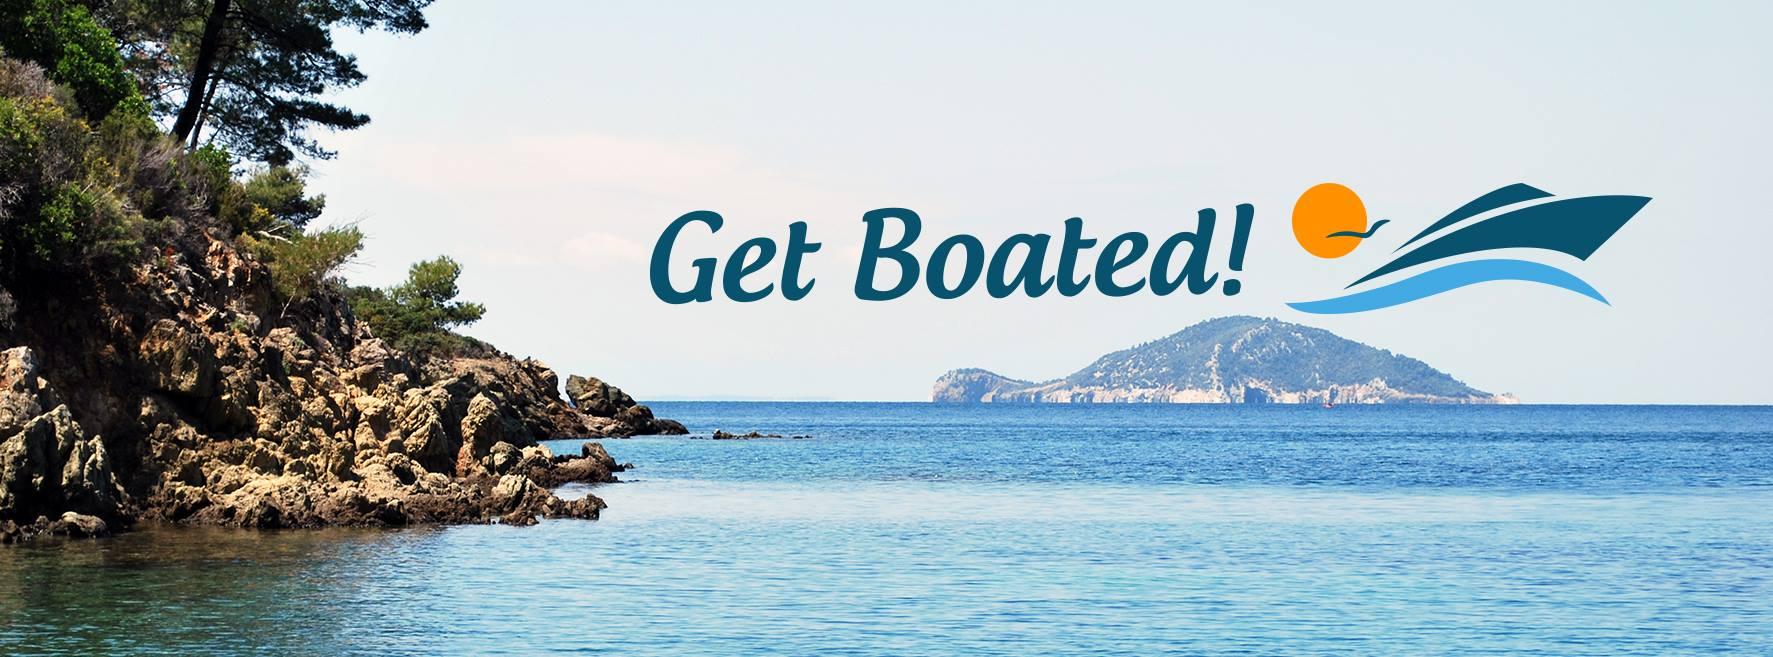 Halkidiki<br/>Boat Rental